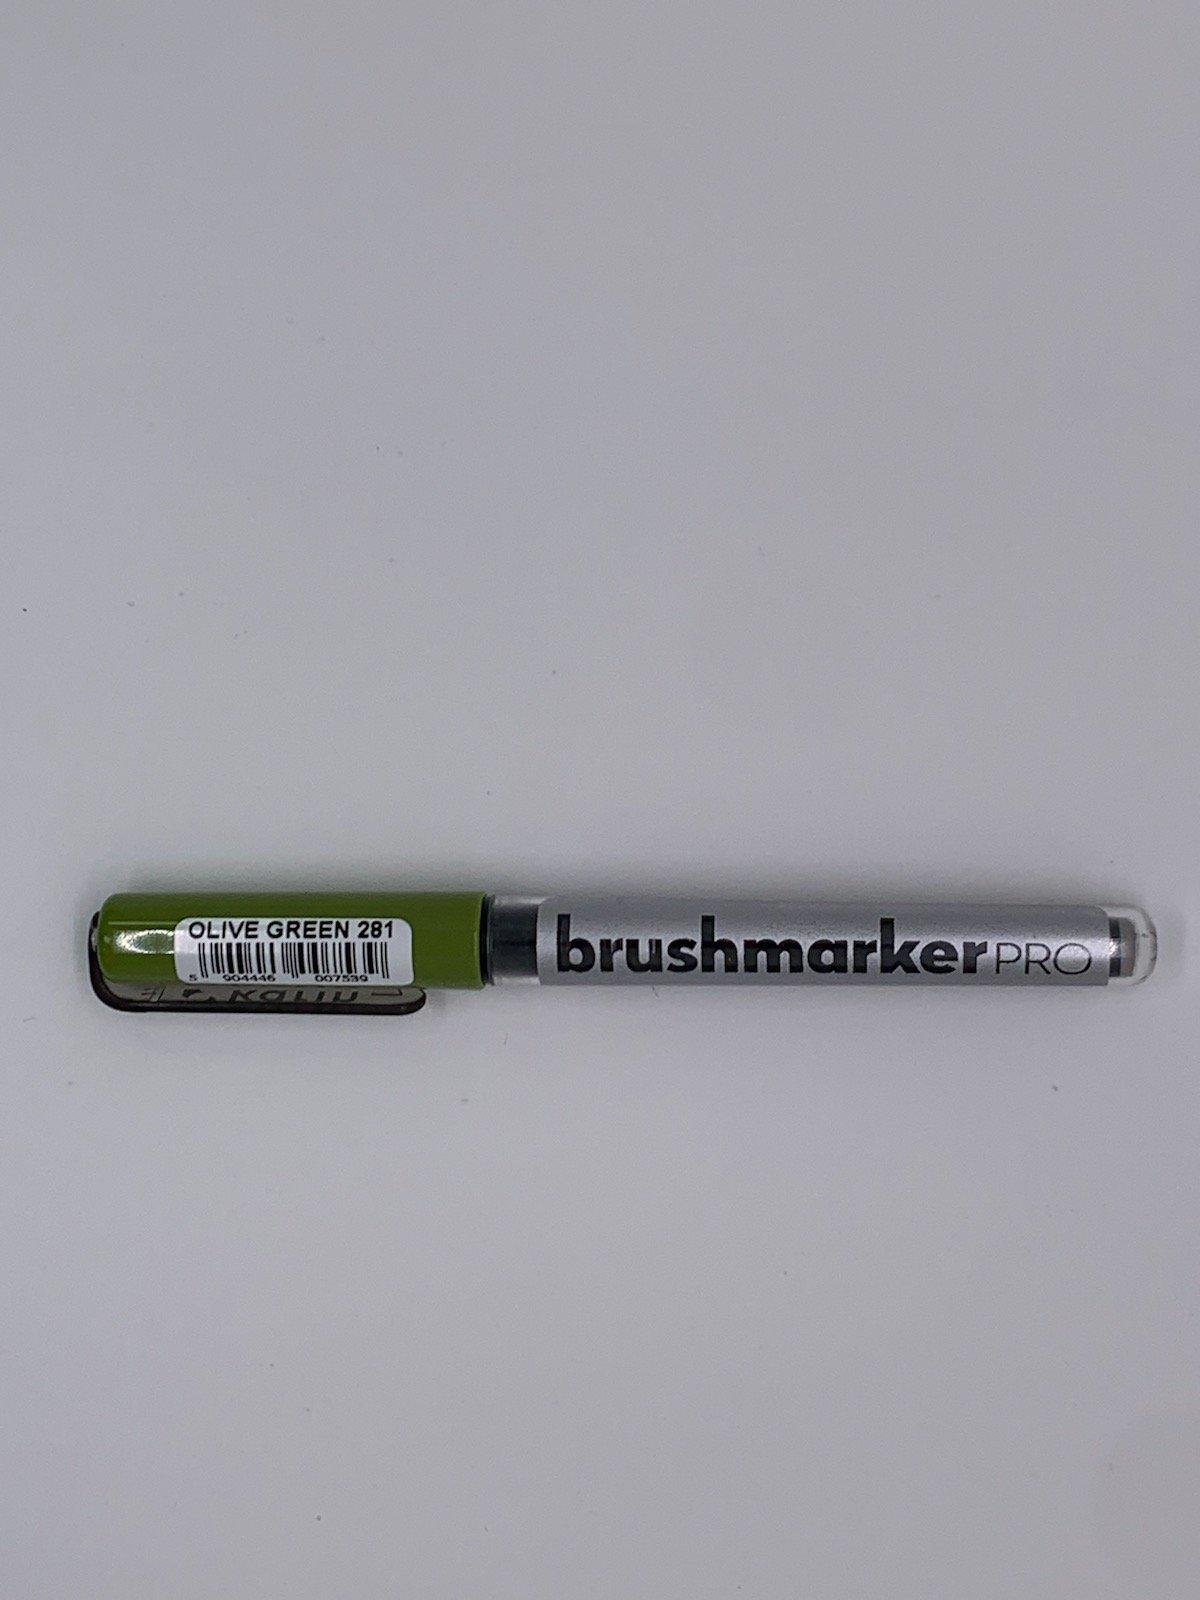 Brushmarker - Olive Green